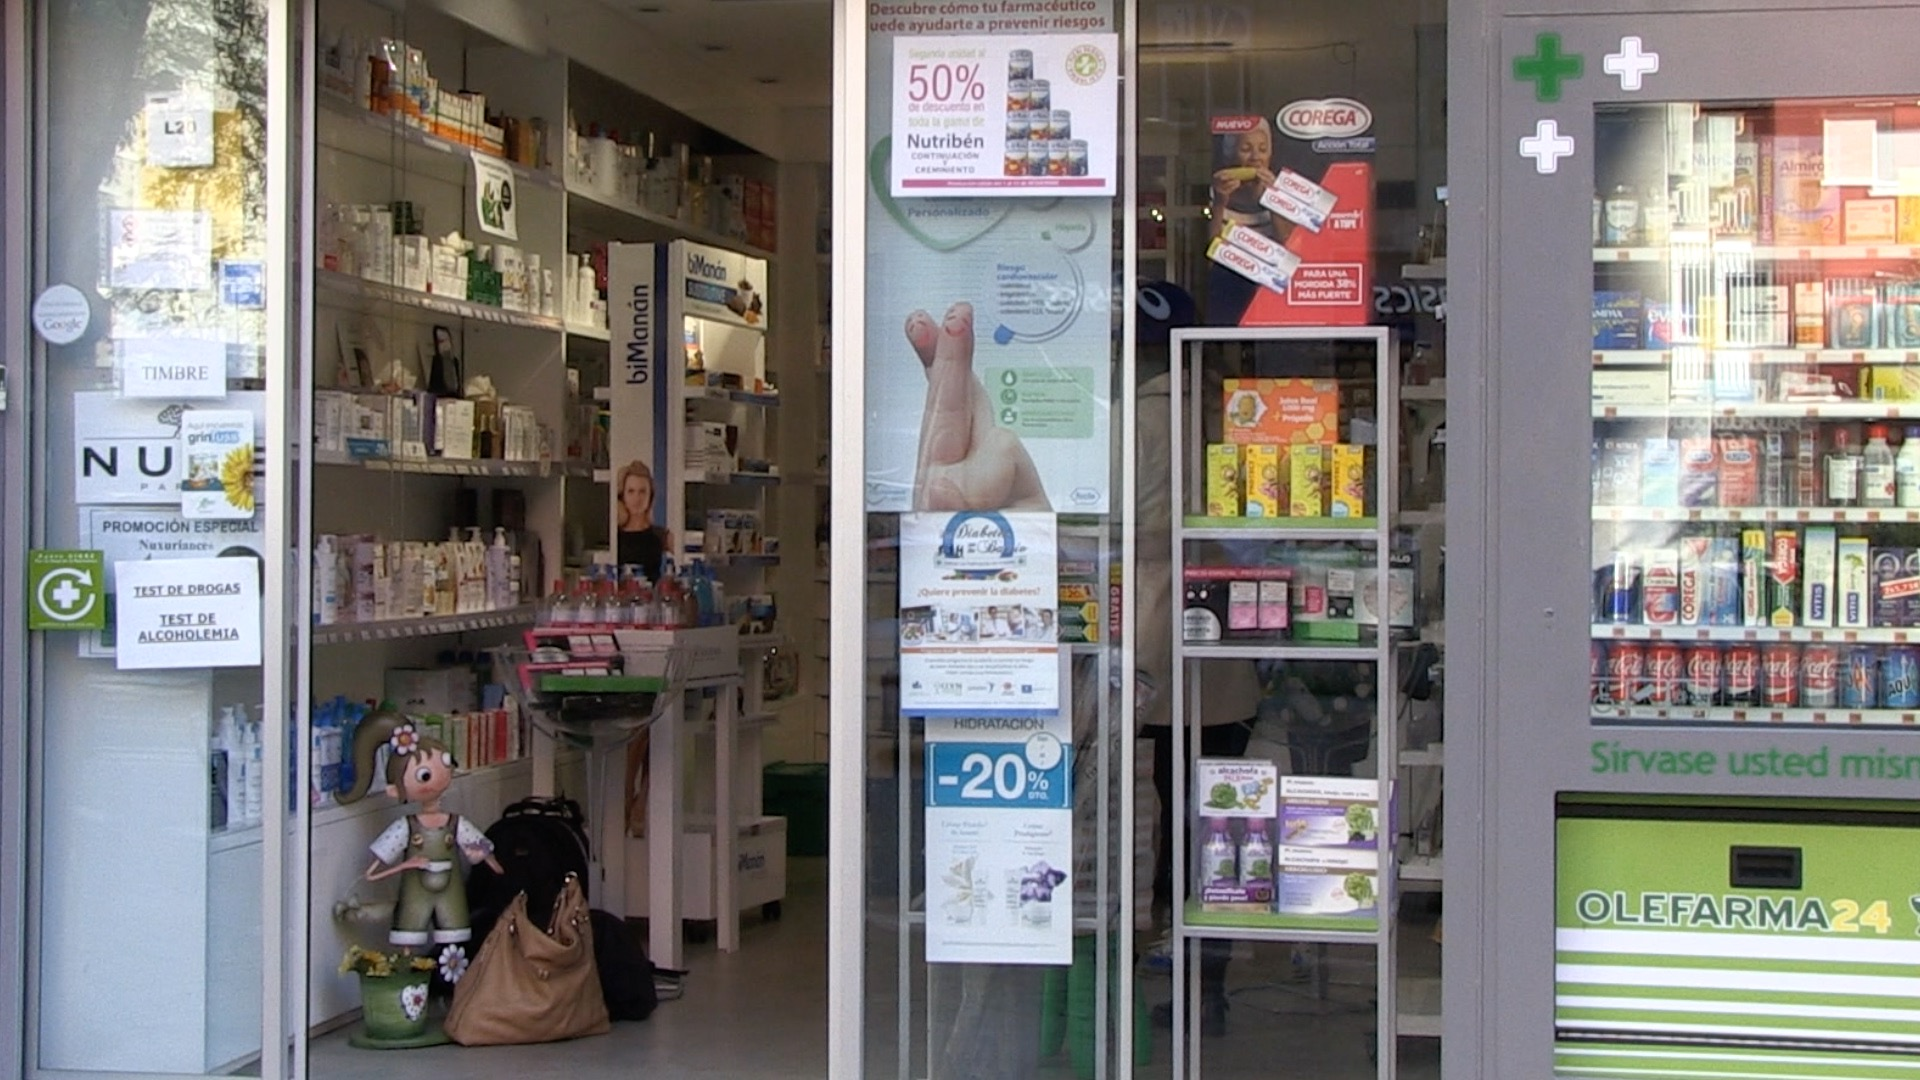 El Cecova denuncia el decreto de la consejería que abre la puerta a la farmacia comunitaria